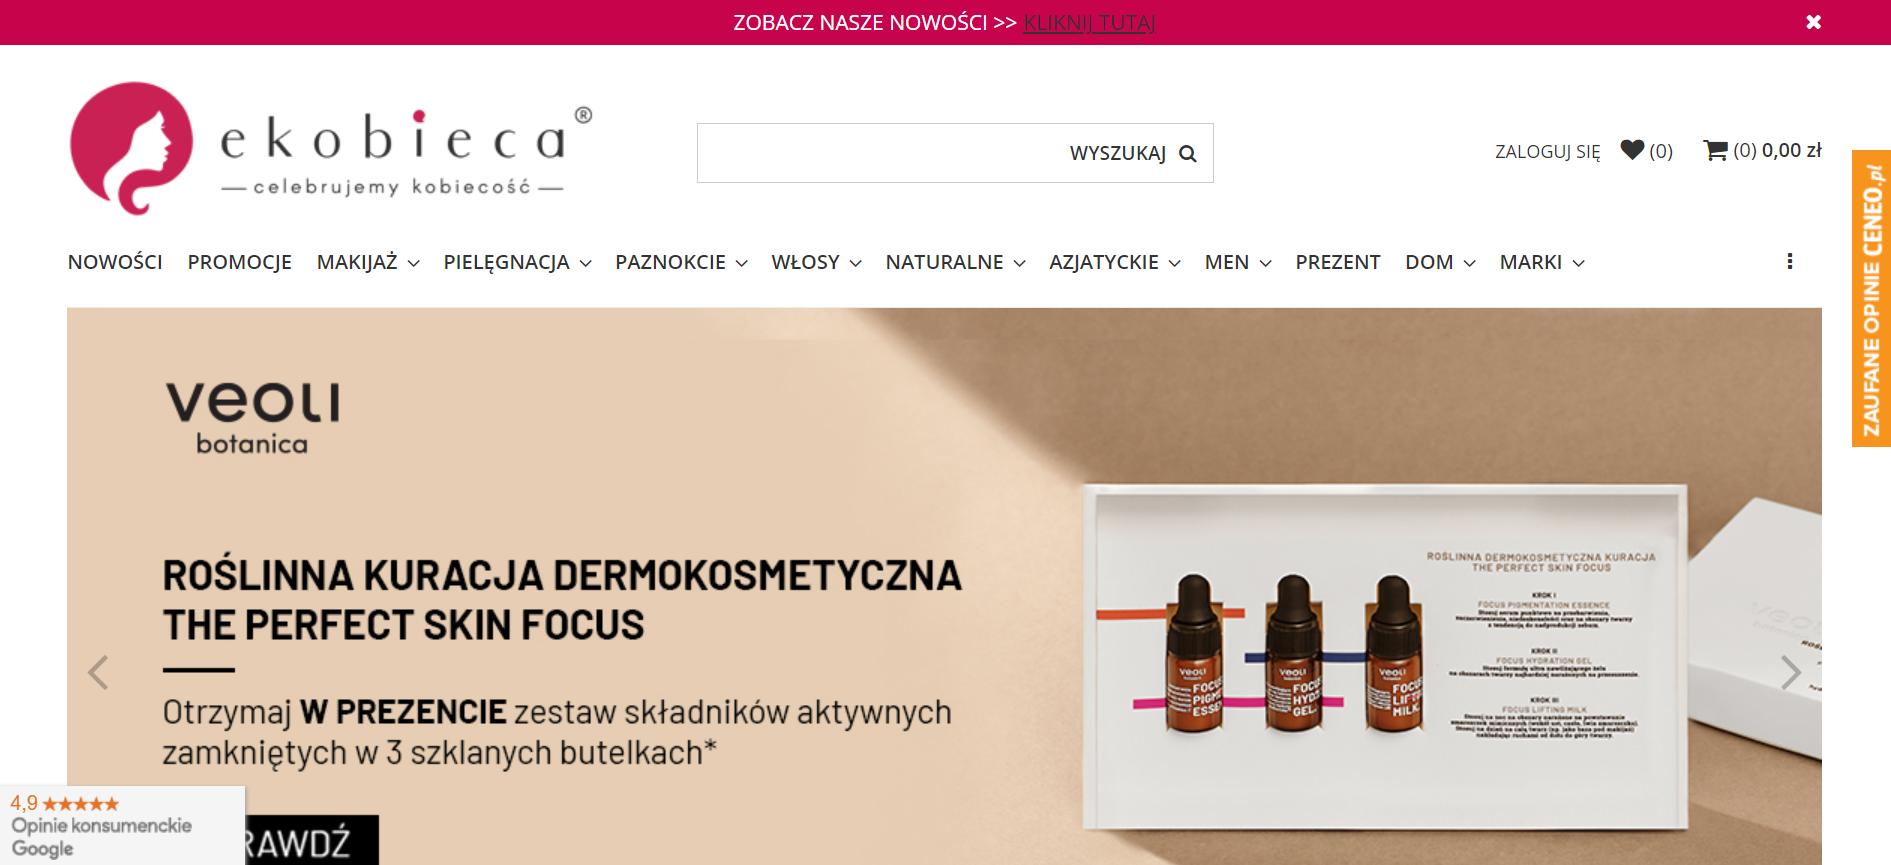 drogeria internetowa z naturalnymi kosmetykami